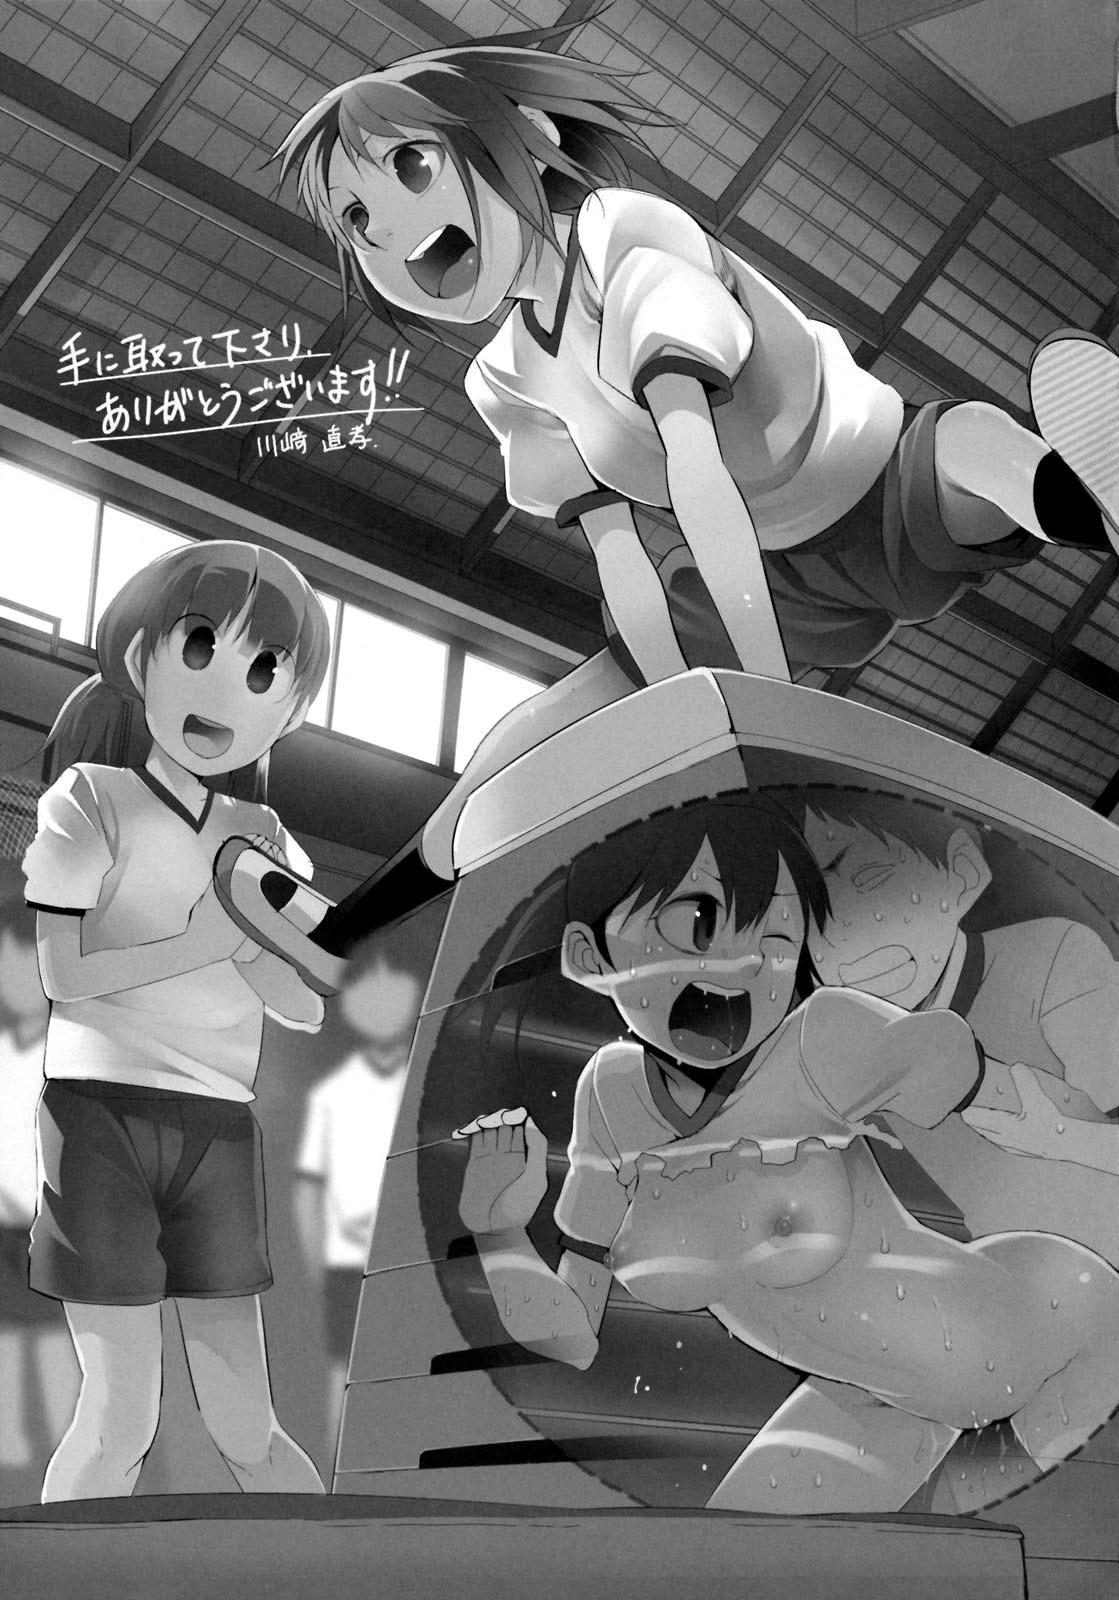 School Girls 5 - Tobibako no Naka no Ohanashi   Inside the Vaulting Horse 22